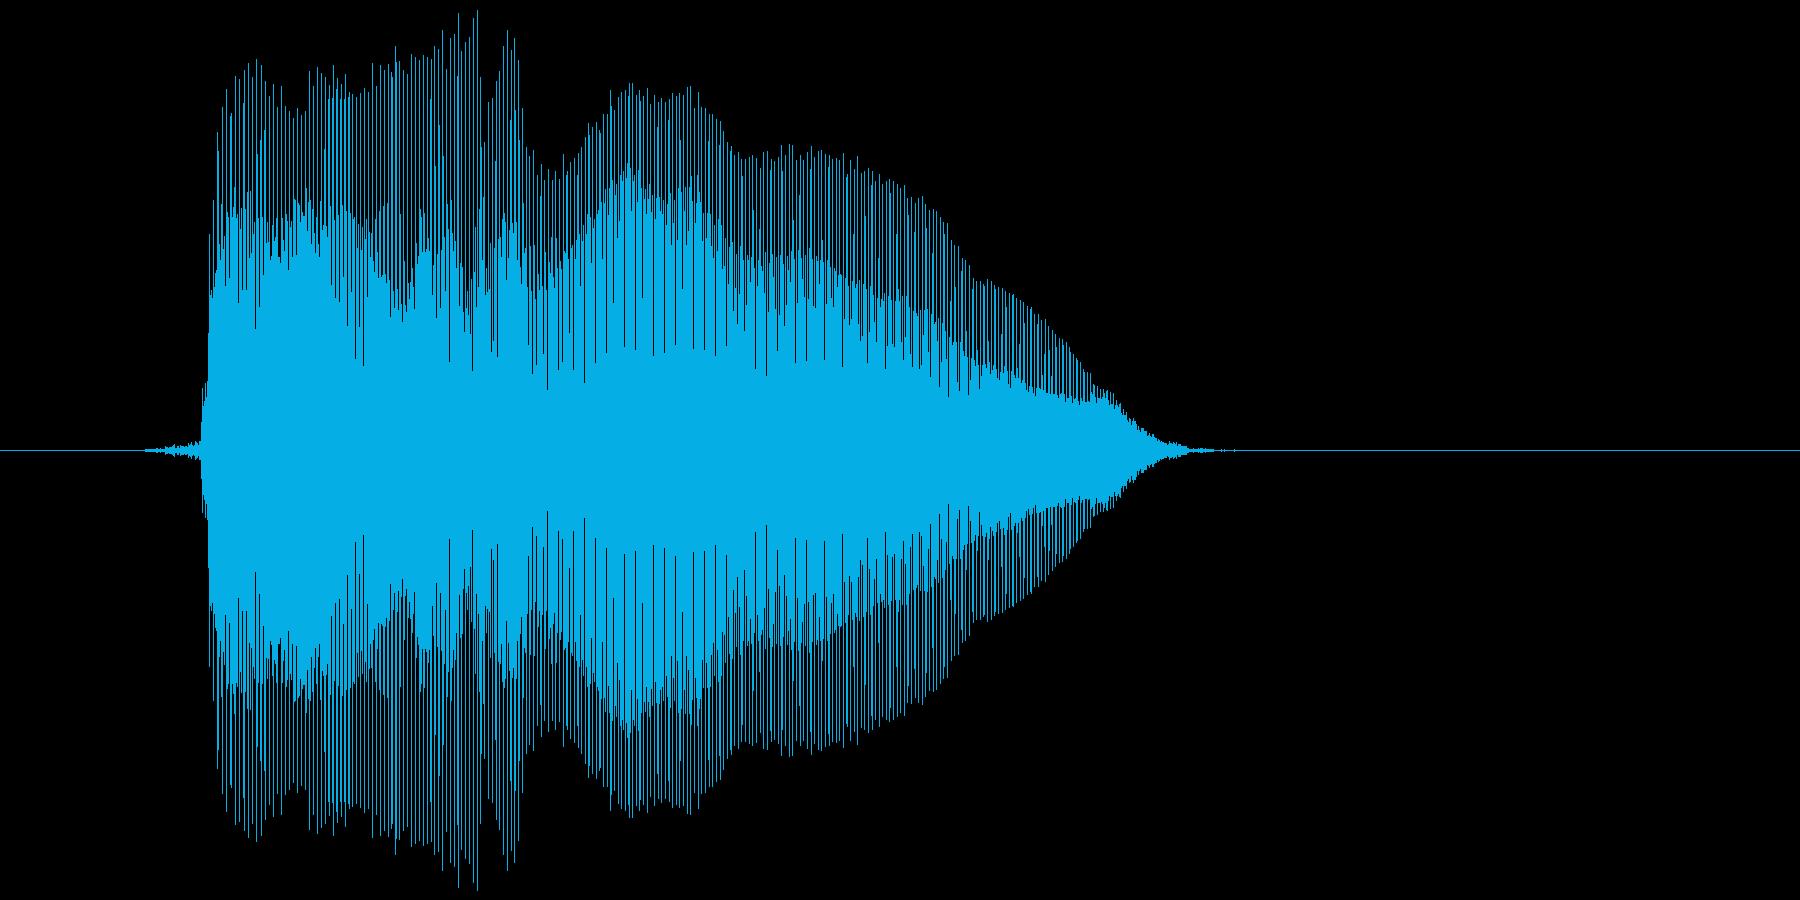 「ビヨーン」の再生済みの波形